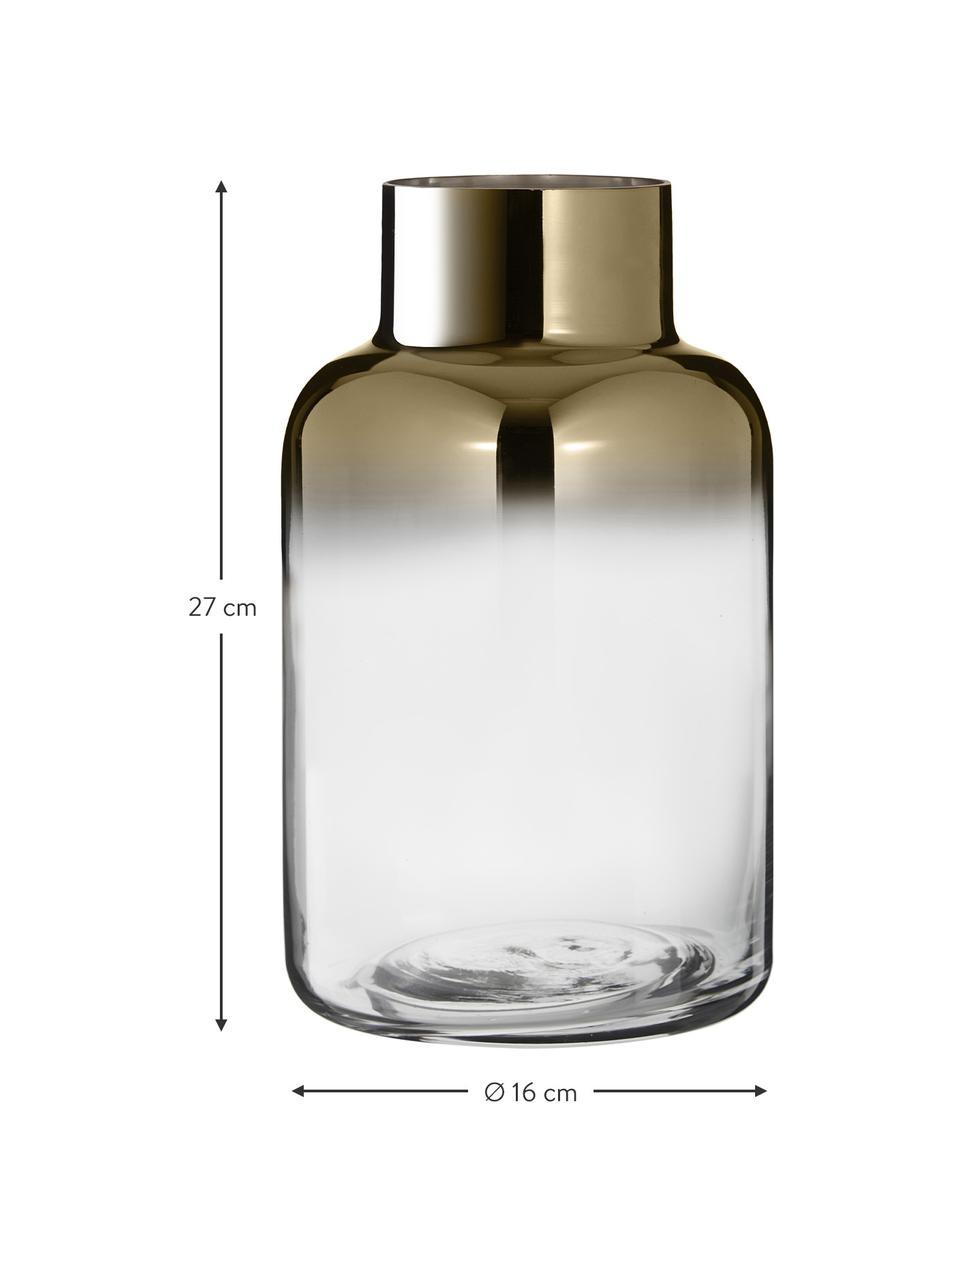 Grote vaas Uma, Glas, Transparant, goudkleurig, Ø 16 x H 27 cm